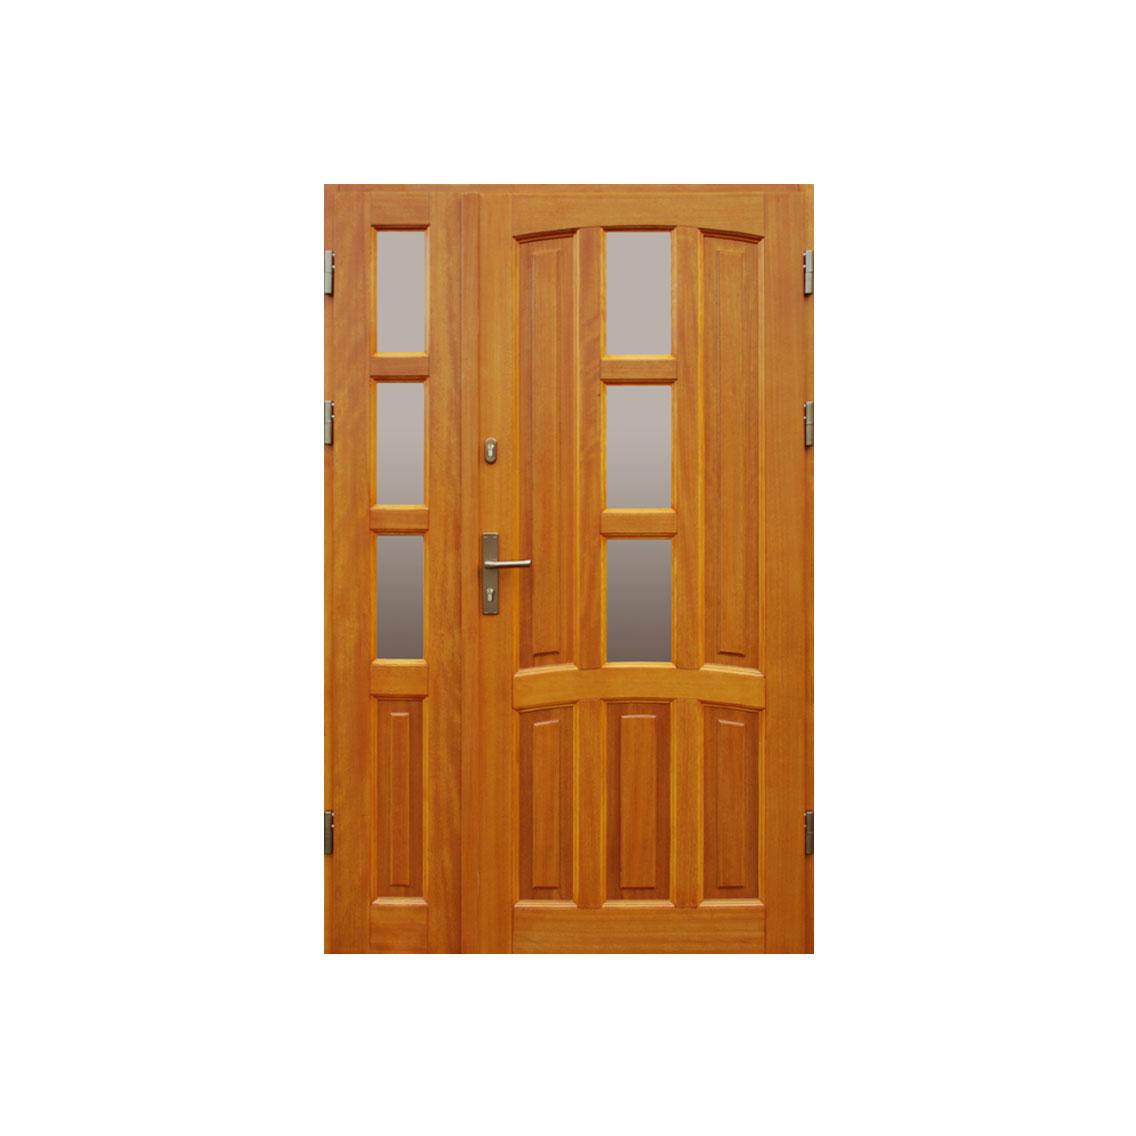 Wooden door WD-6